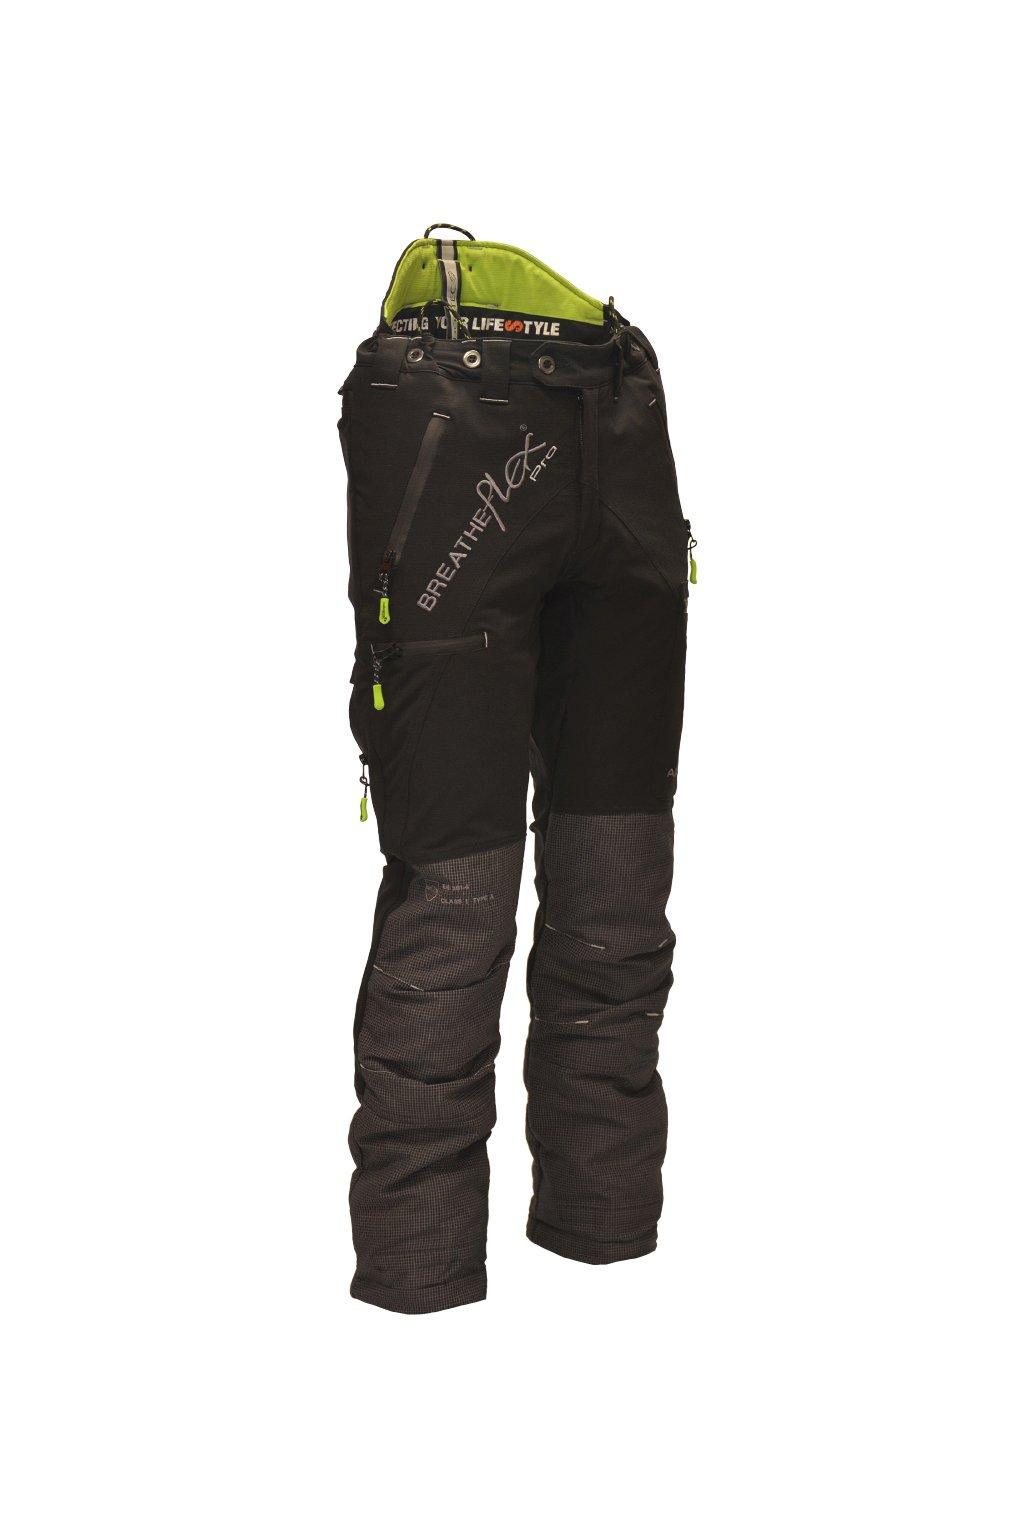 Protipořezové kalhoty Breatheflex Pro černé Class1/TypeC Reg